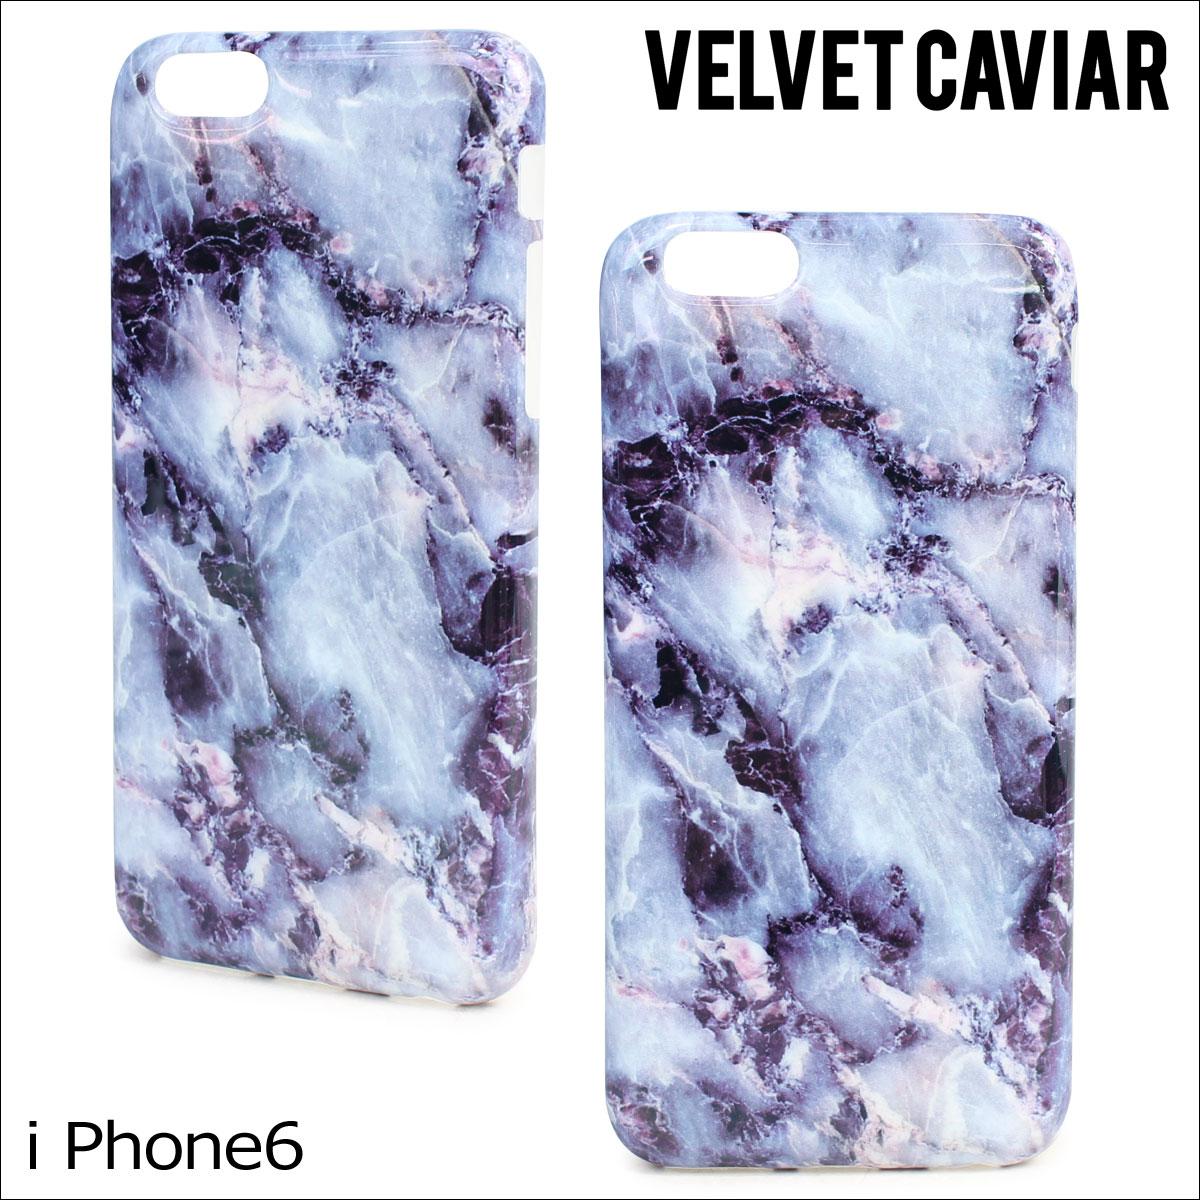 Velvet Caviar ヴェルヴェット キャビア iPhone8 SE 7 6 6s ケース スマホ 携帯 アイフォン アイフォーン ベルベット BLUE MARBLE iPhone